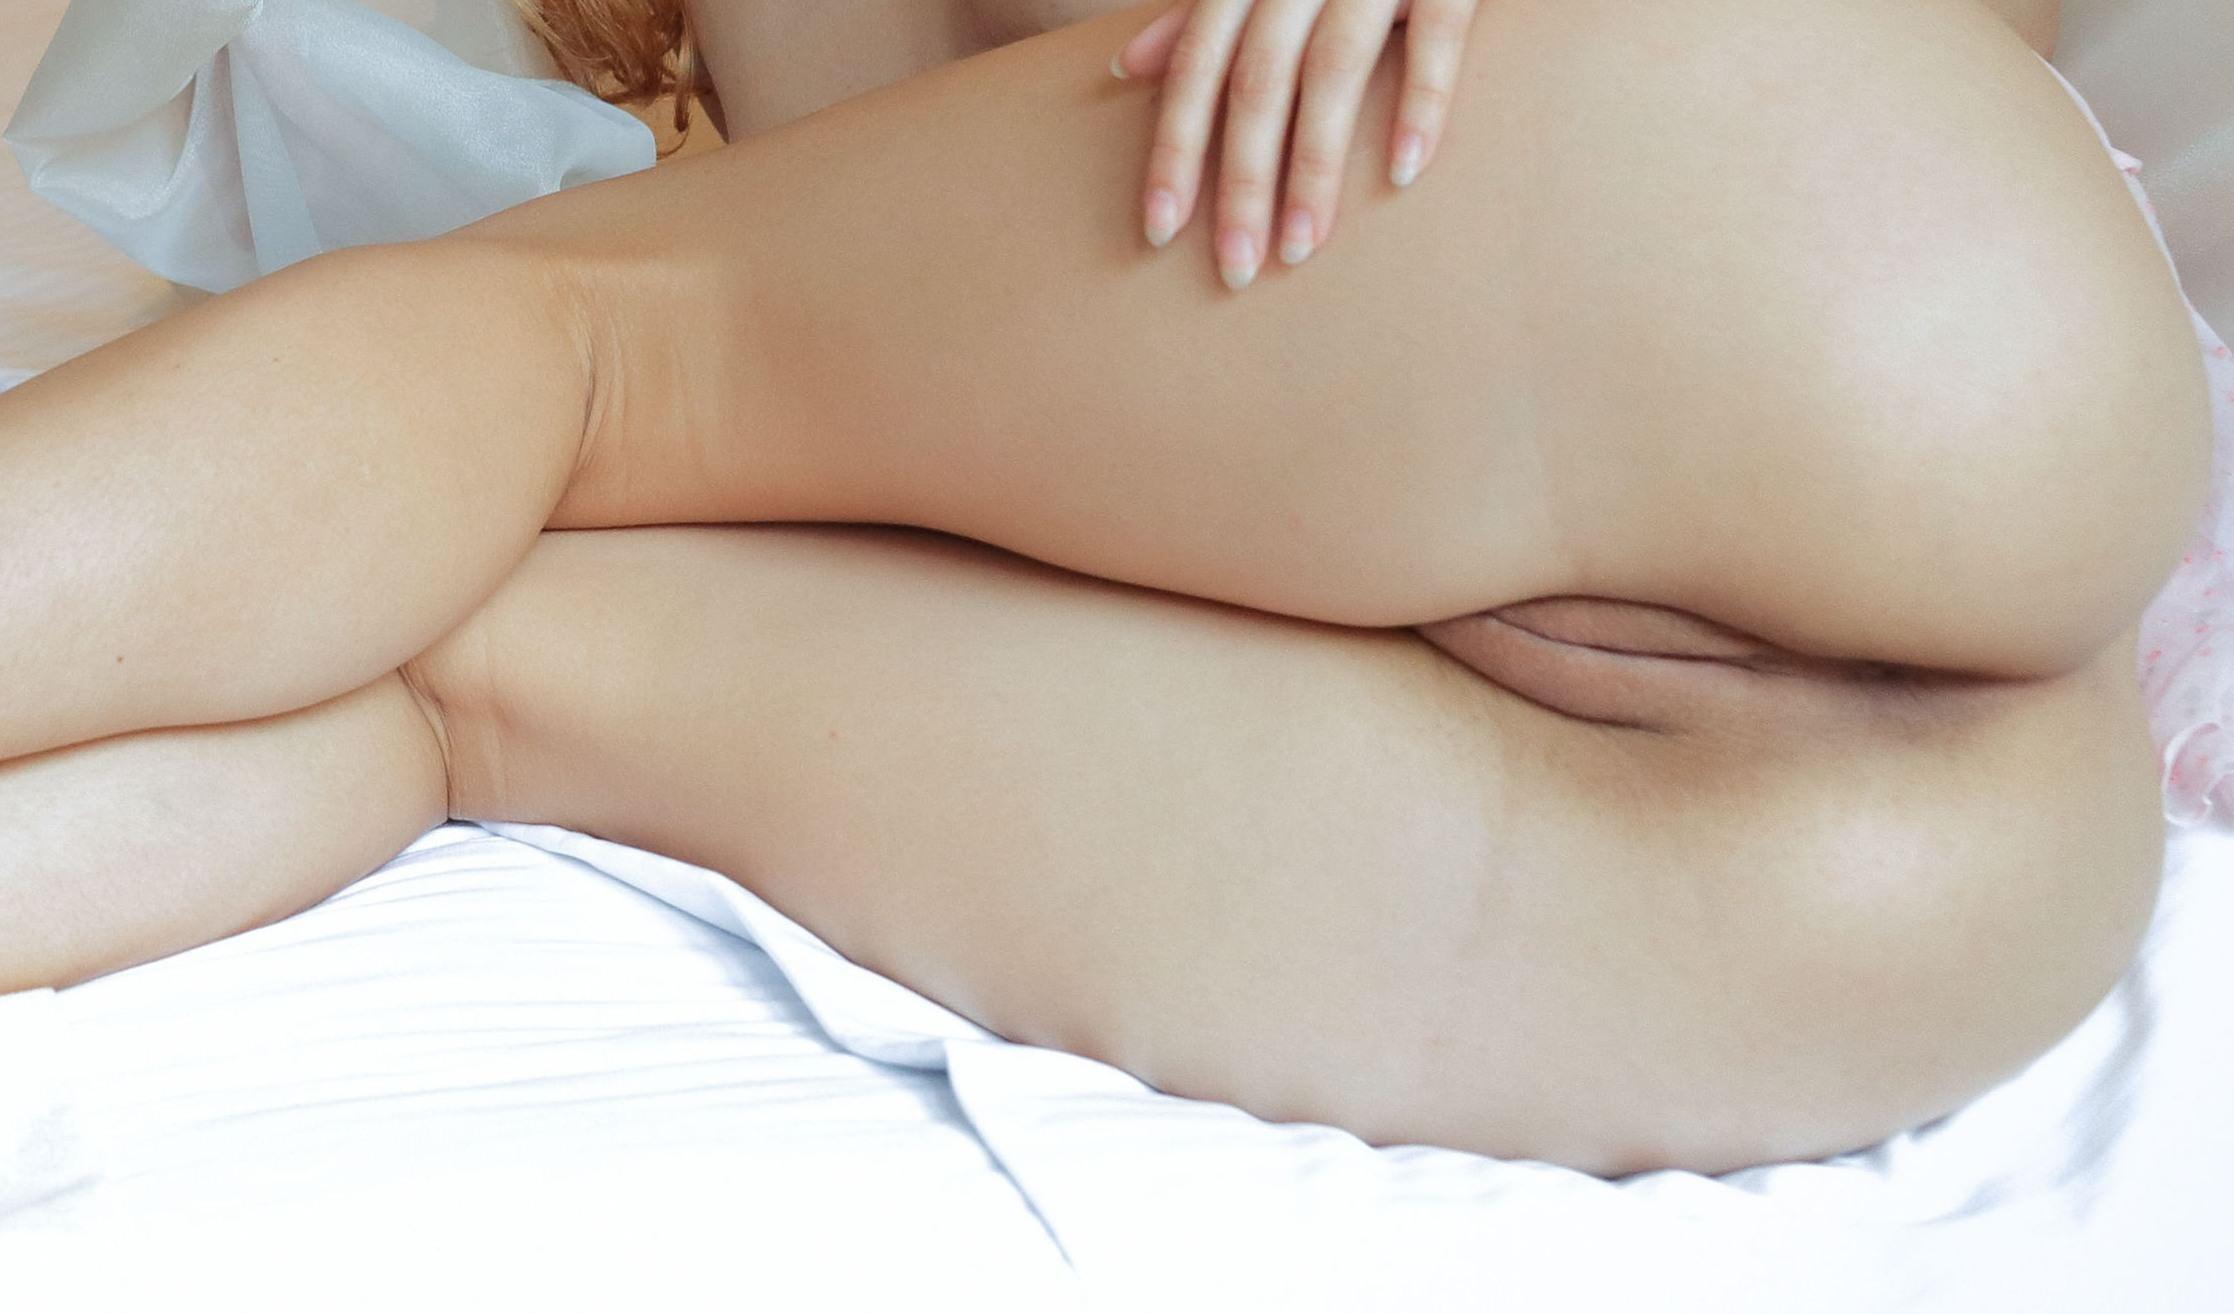 Без кровати девушка голая на трусиков лежит